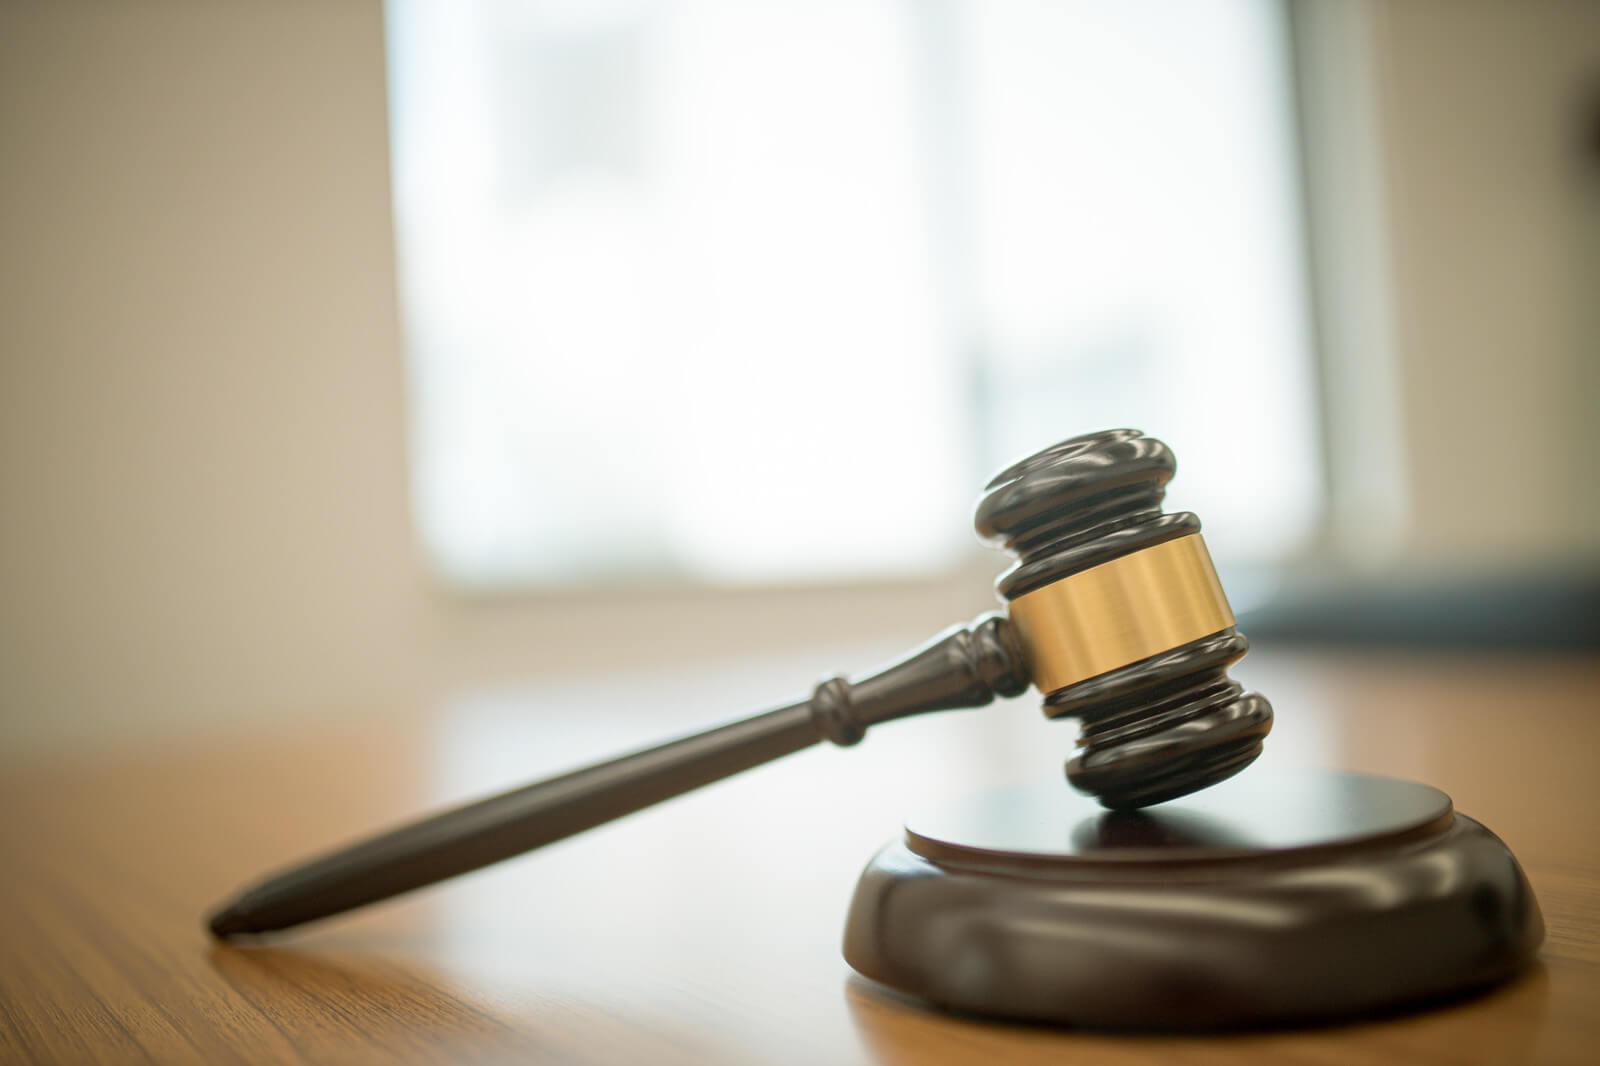 口コミや体験談から学ぶ!給料ファクタリングの裁判・弁護士・司法書士の情報